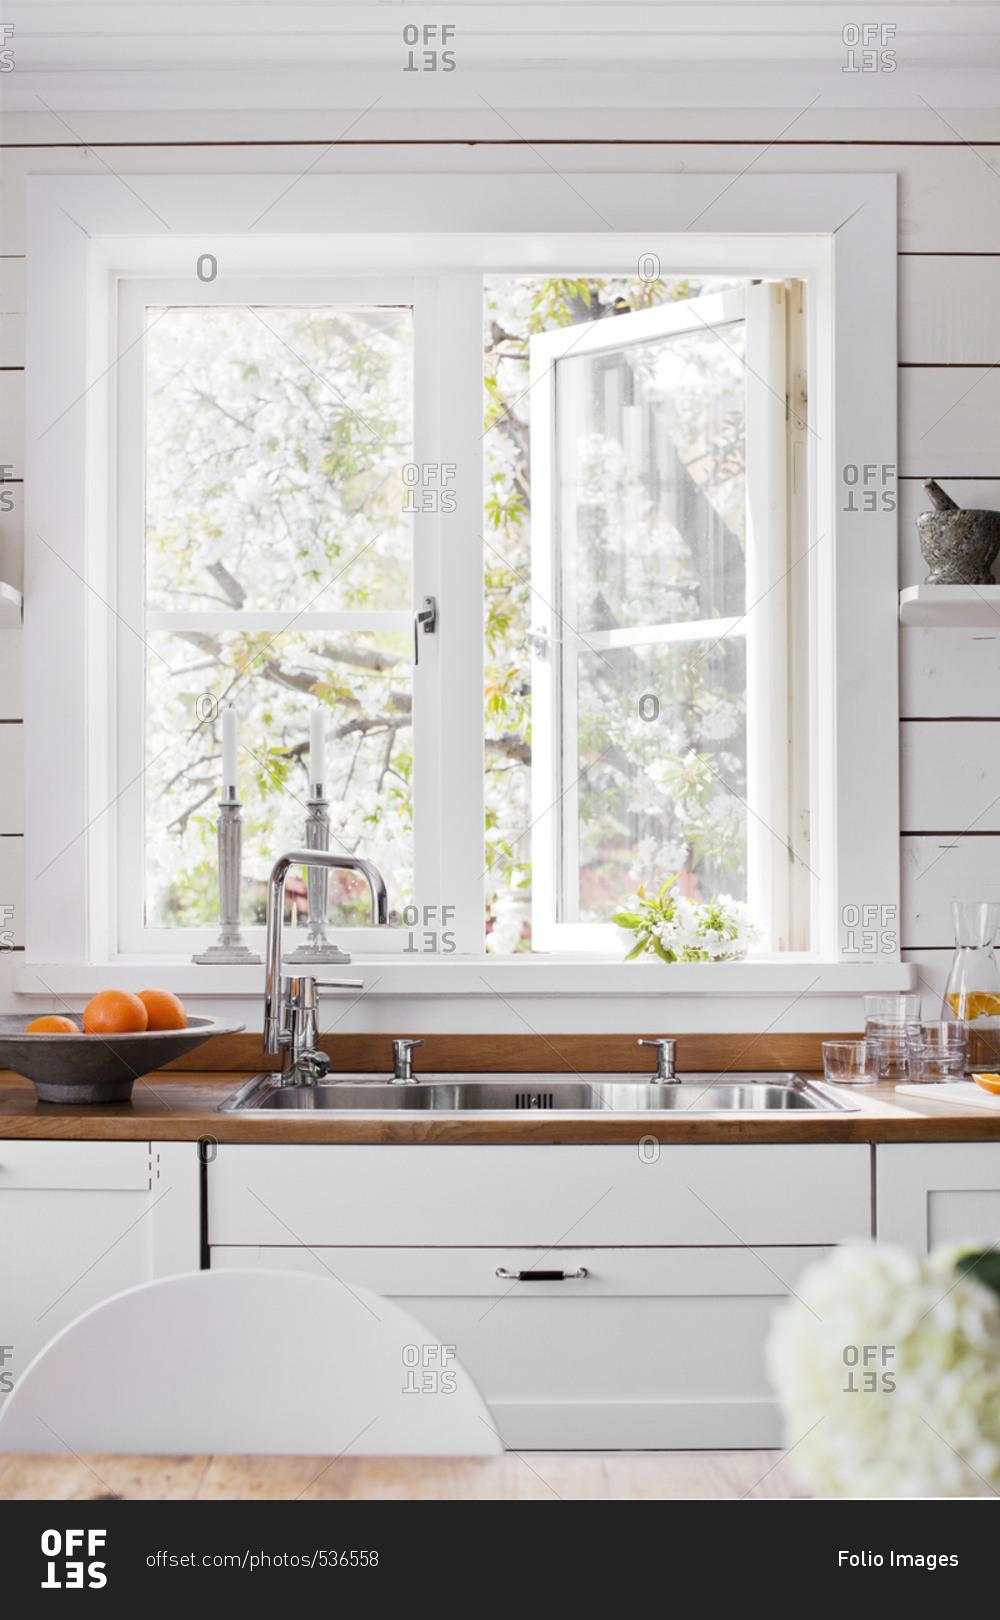 sweden sink by white window in